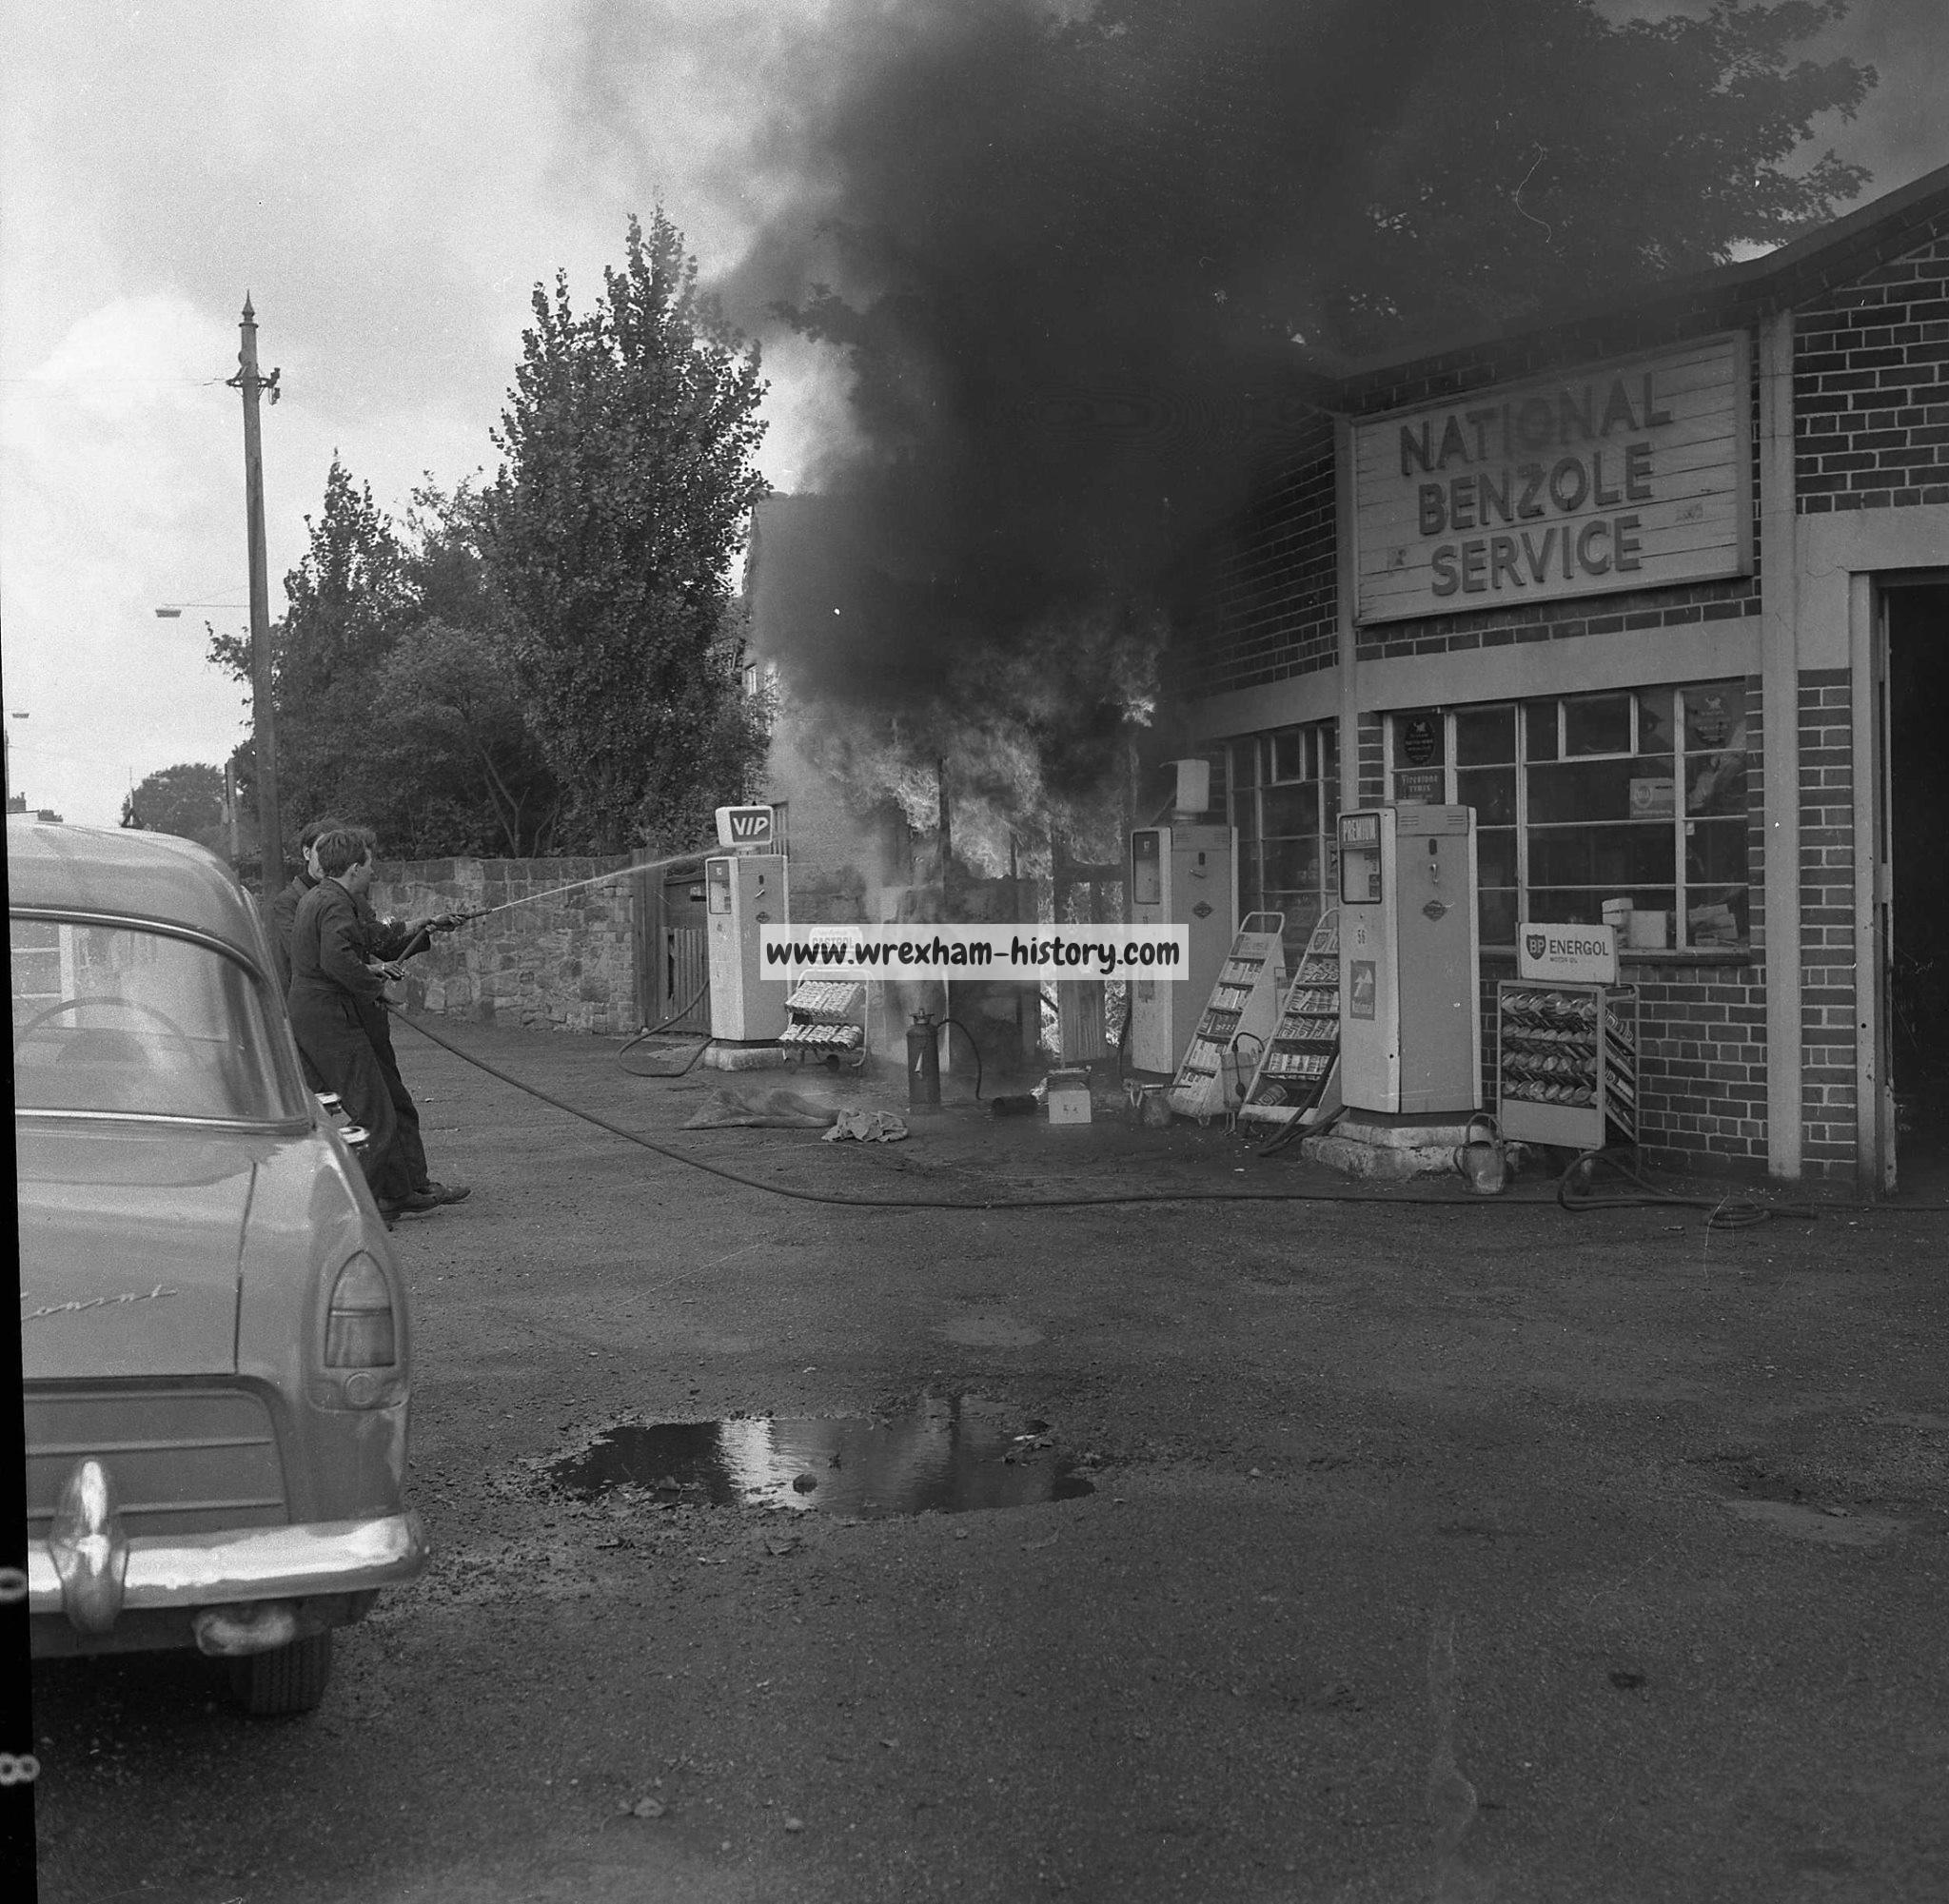 Acton Garage fire